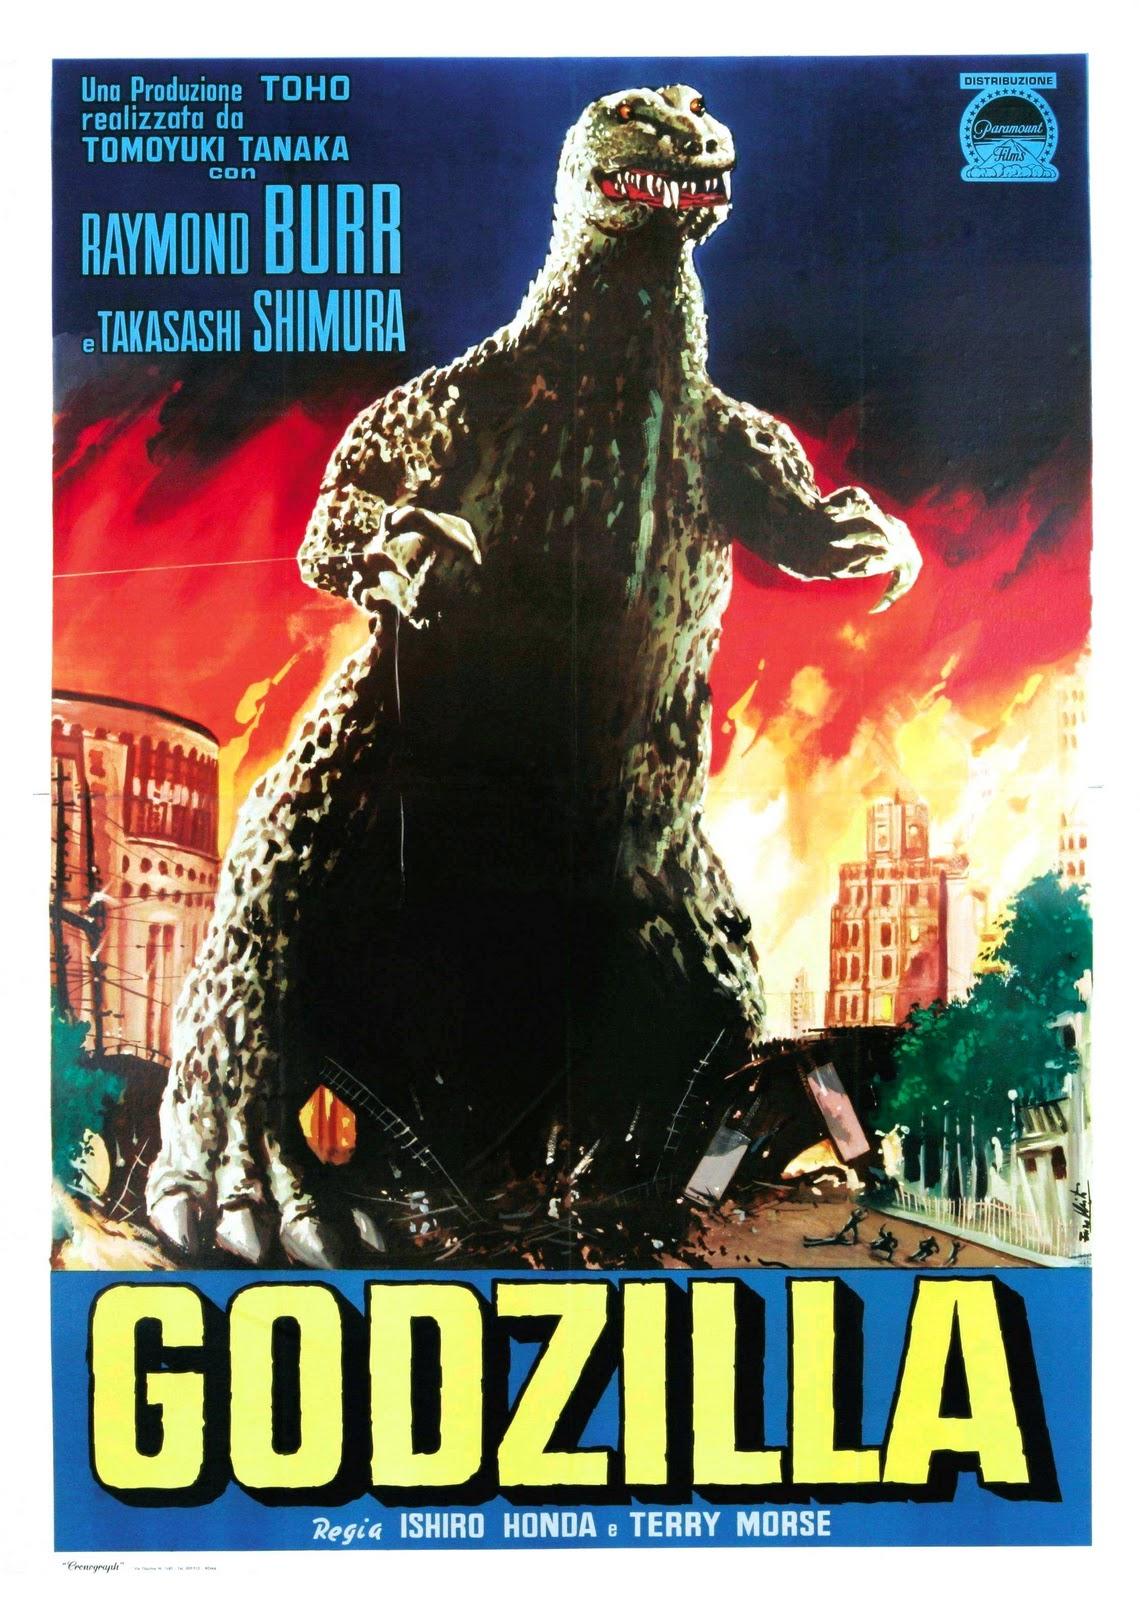 godzilla-1954-poster-blue